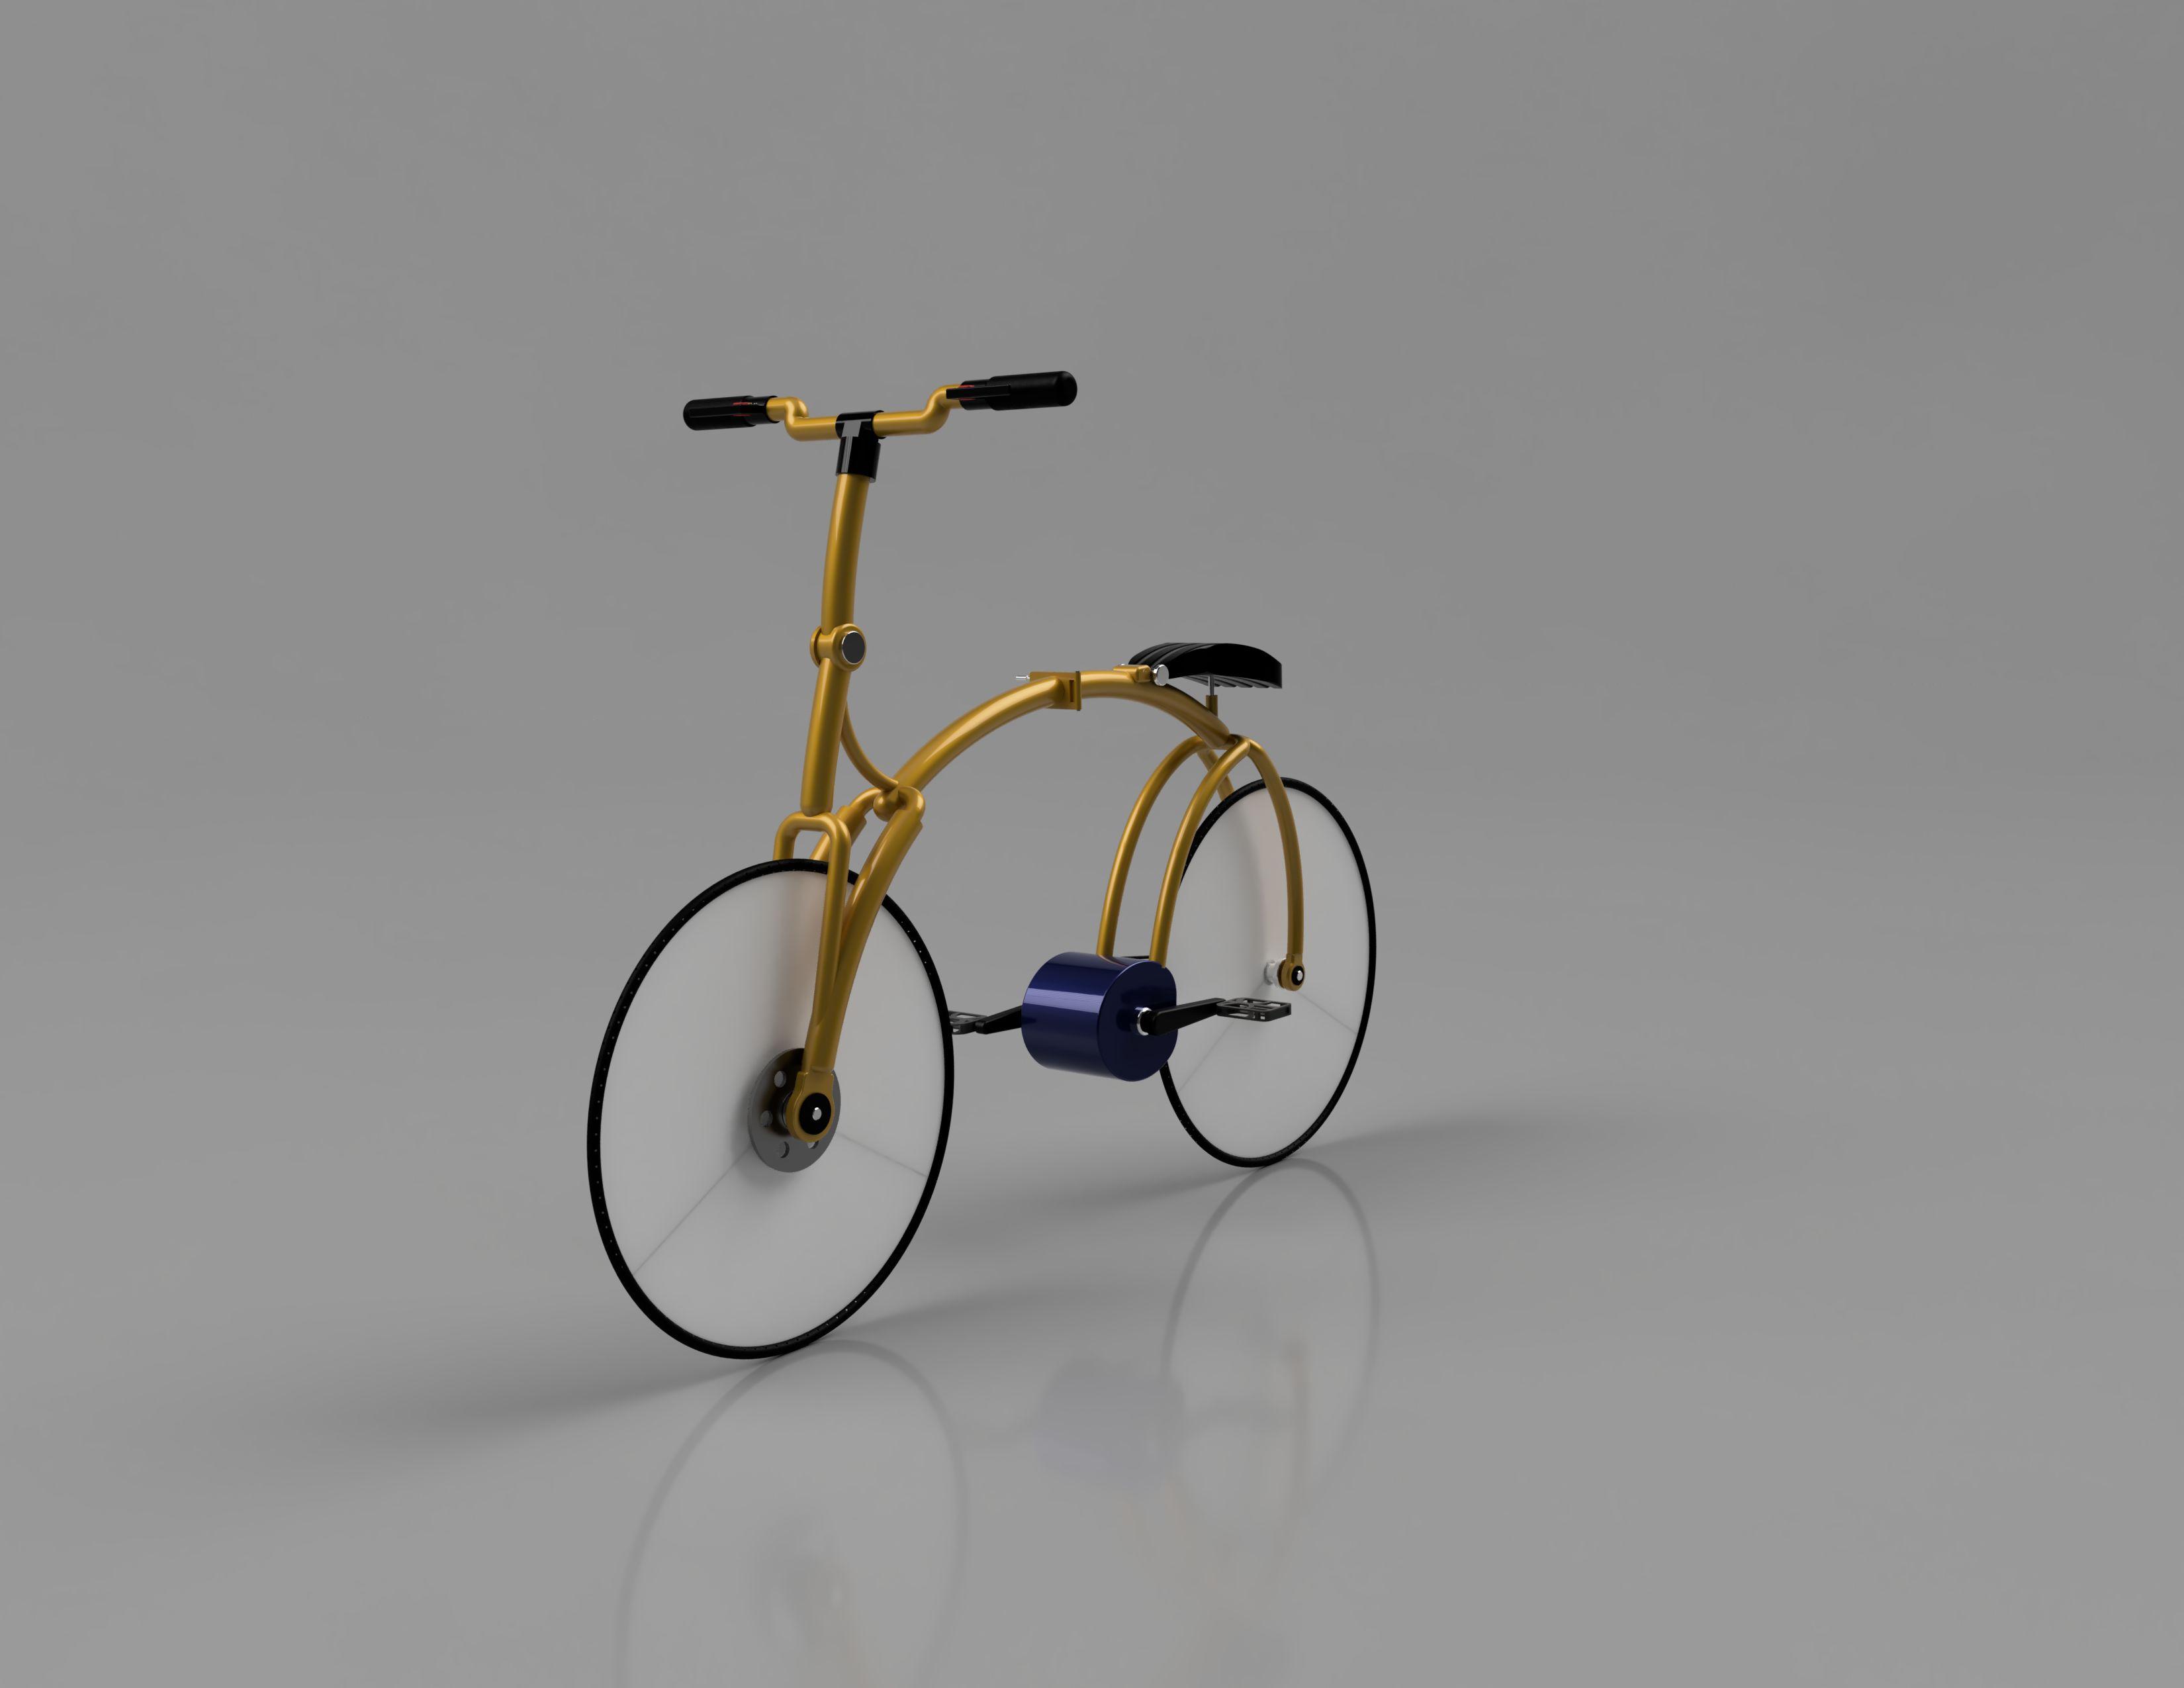 Diana--bici-ddd-2020-mar-13-07-10-19pm-000-customizedview22000616902-png-3500-3500